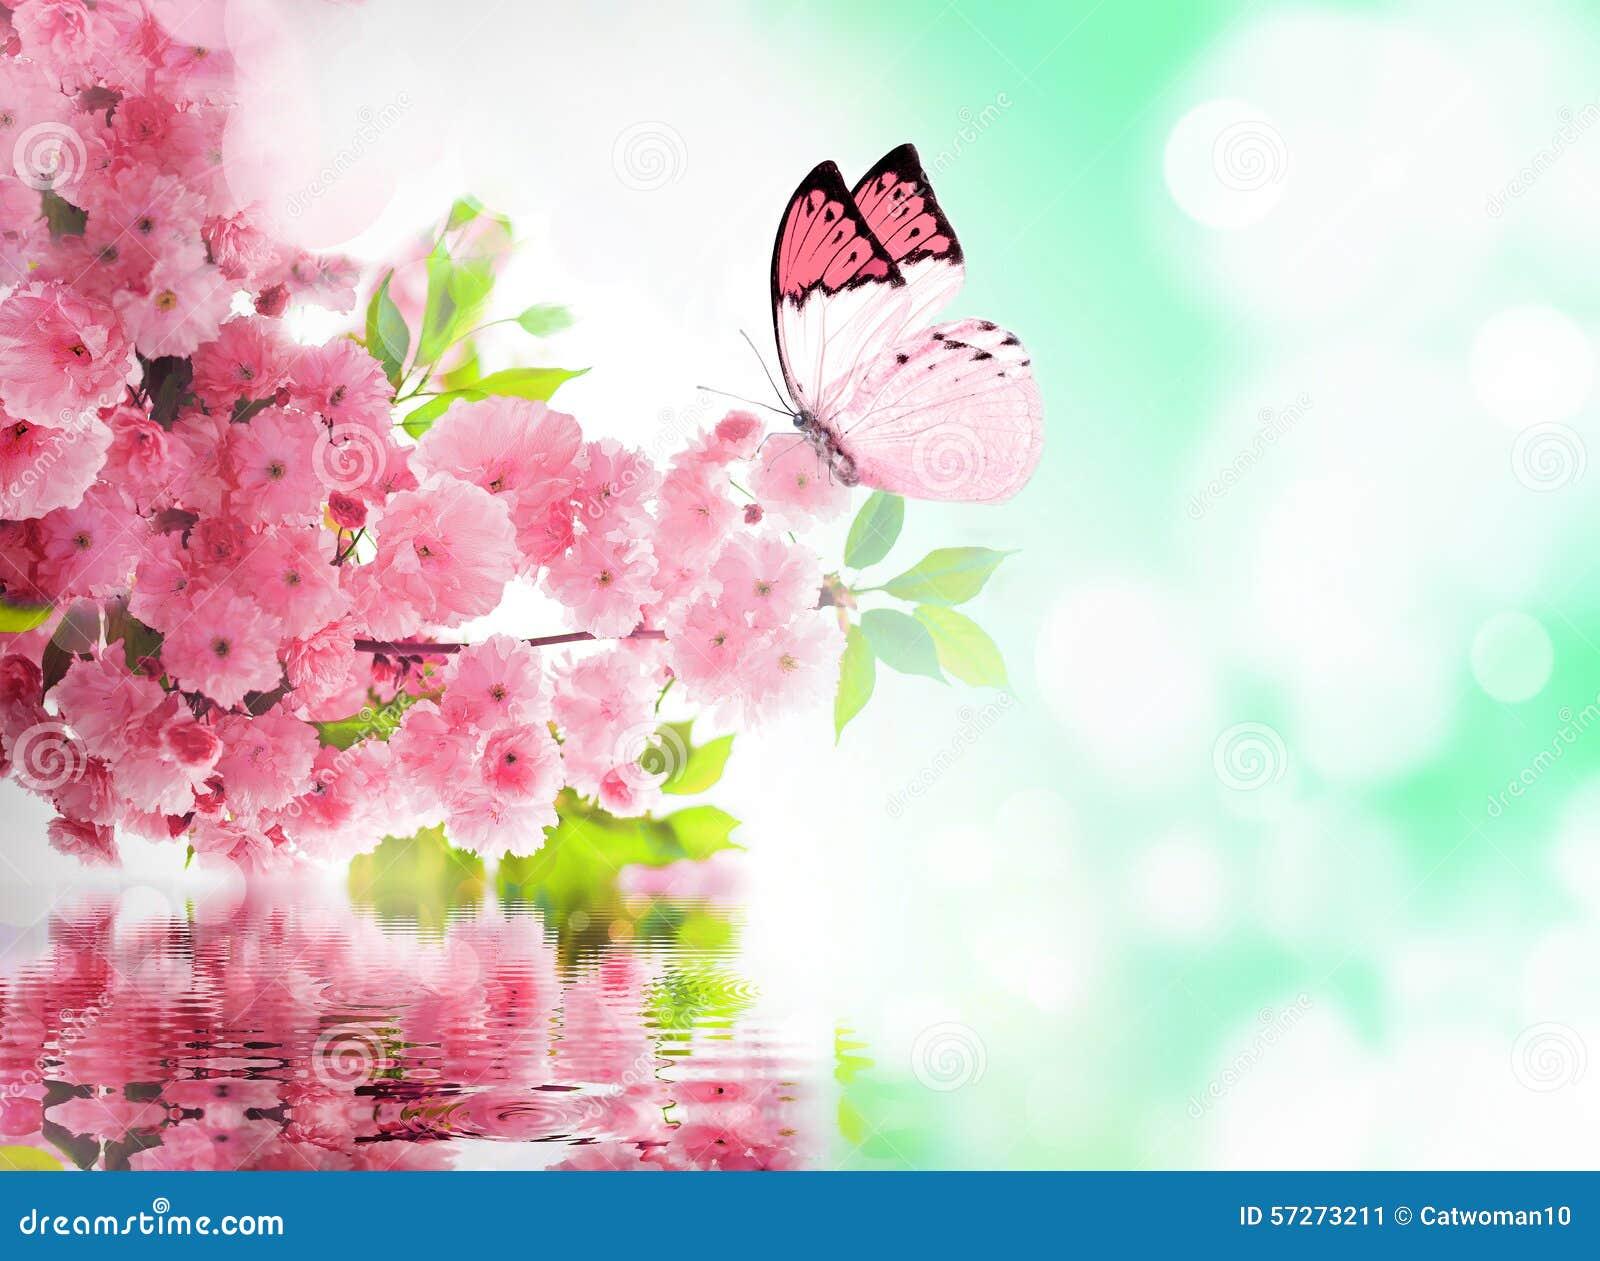 Fleurs de cerisier et papillon image stock image du - Image papillon et fleur ...